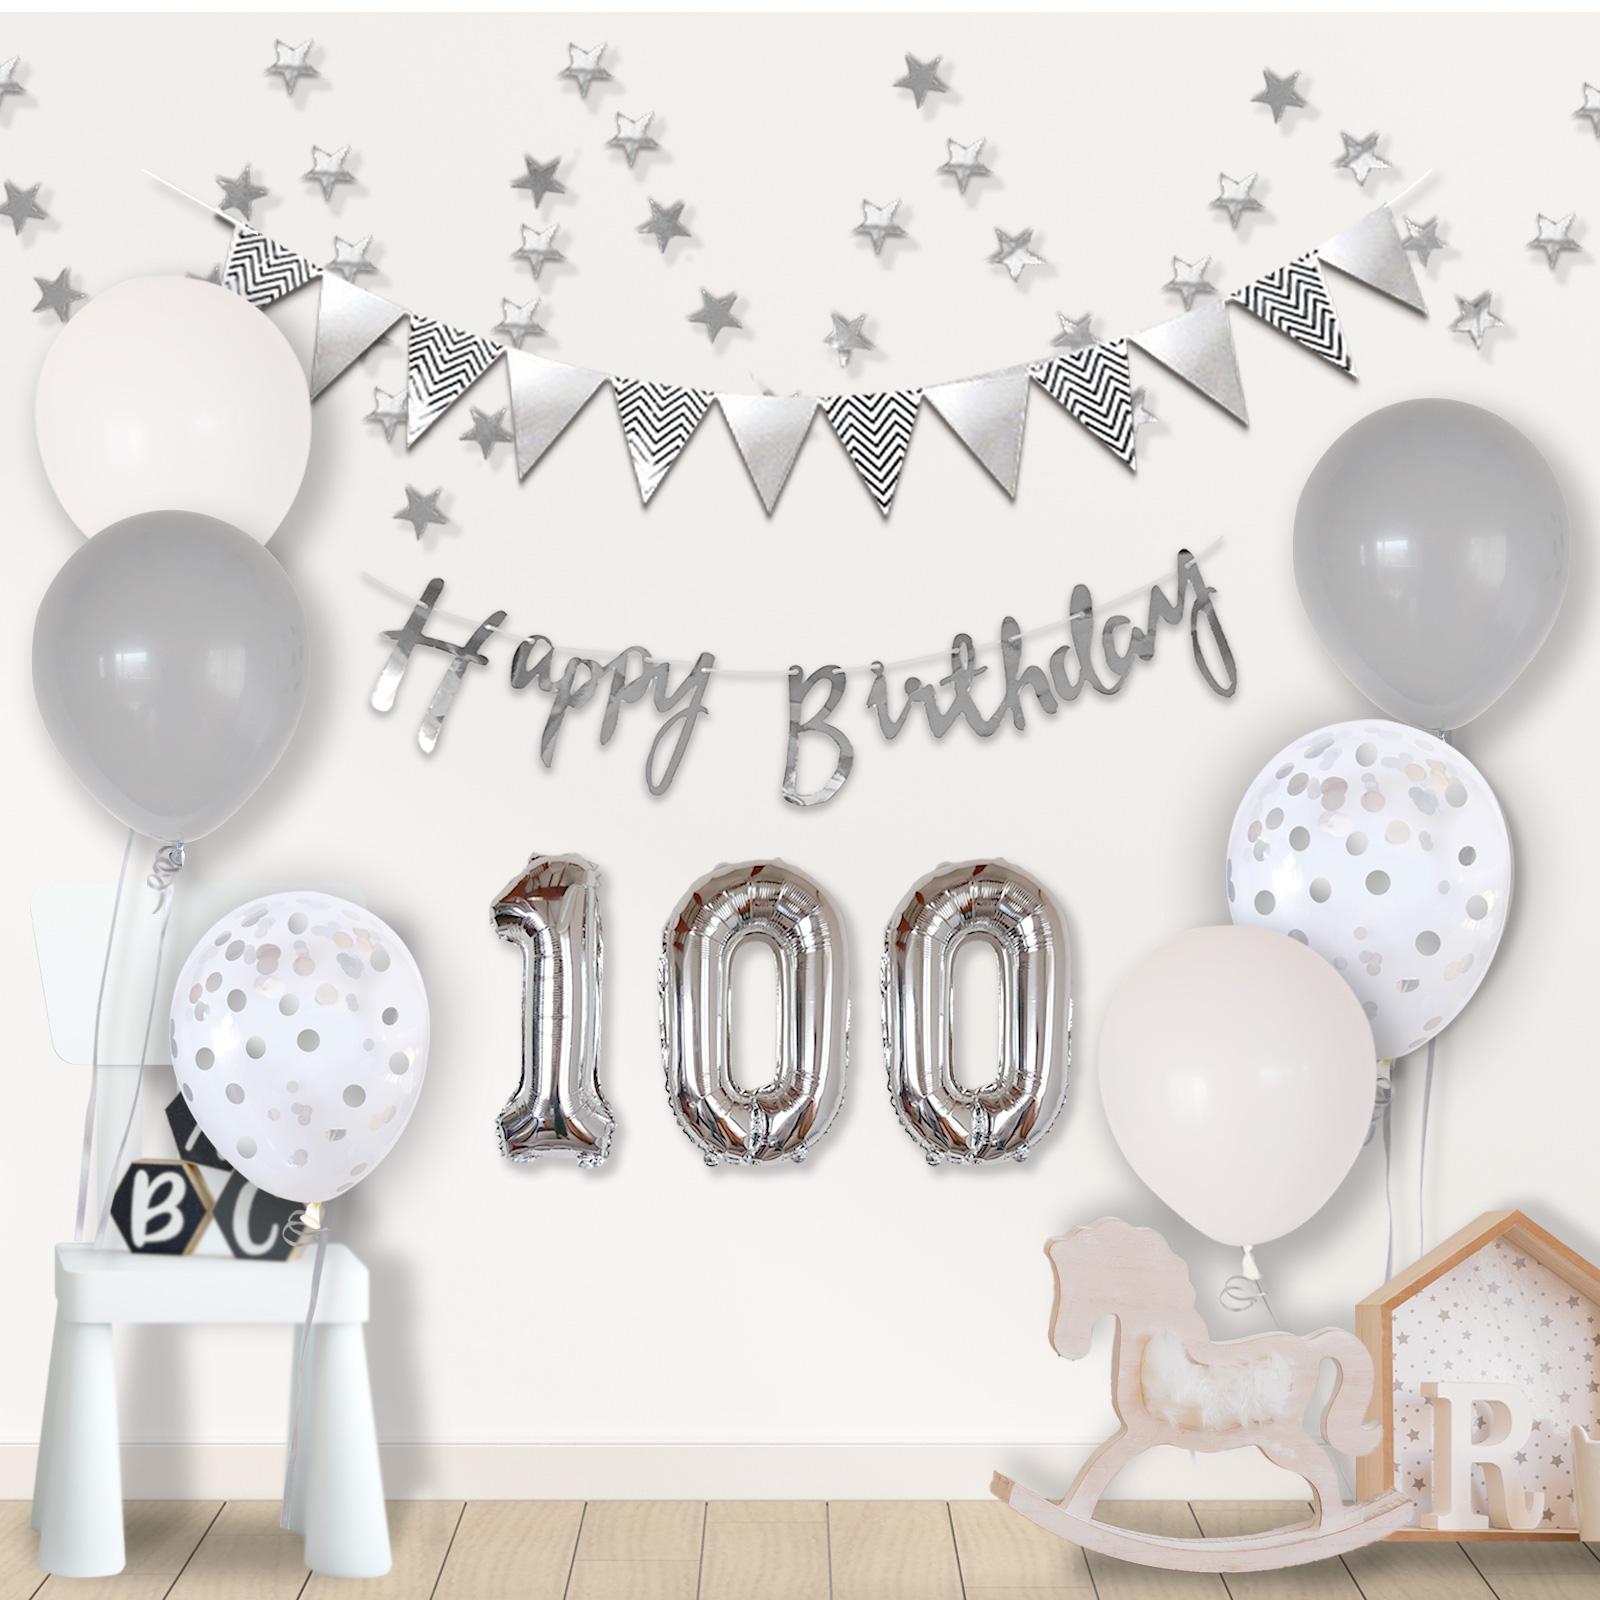 100日 誕生日 バルーン バースデー 100days 飾り お祝い 100日バースデー 3か月 風船 100日誕生日 おしゃれ HAPPY 売店 モノトーン ハッピーバースデー ピンク 送料無料 パープル ゴールド ブルー BIRTHDAY お得クーポン発行中